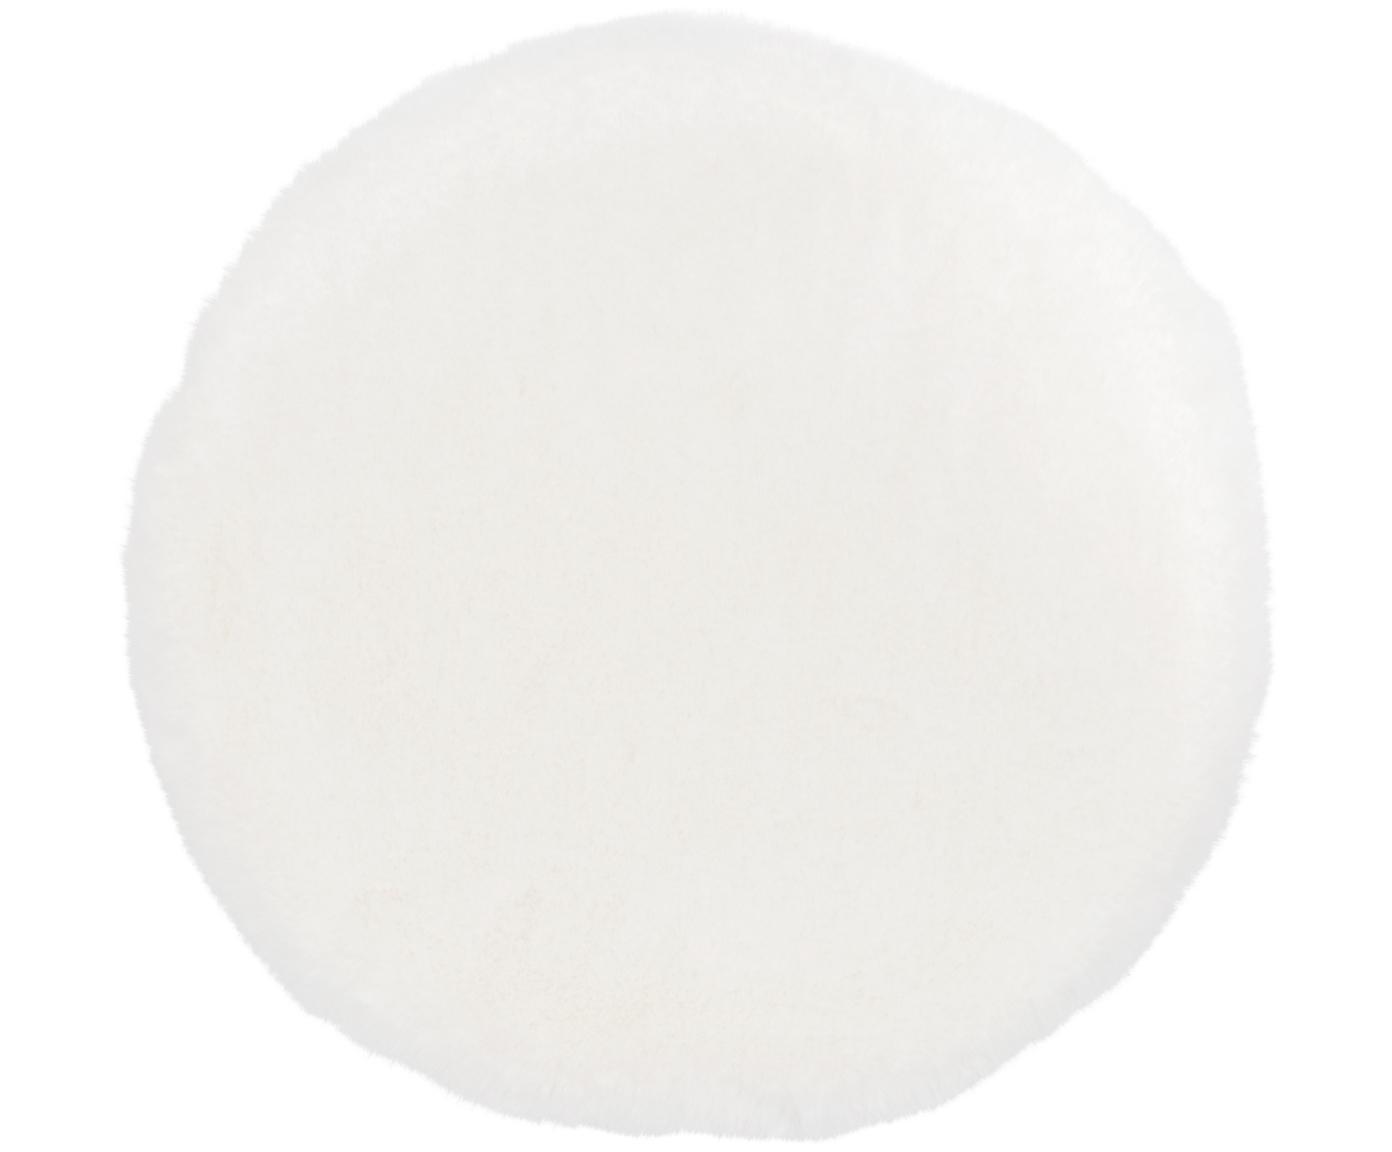 Zitkussen van imitatievacht Mette, glad, Crèmekleurig, Ø 37 cm